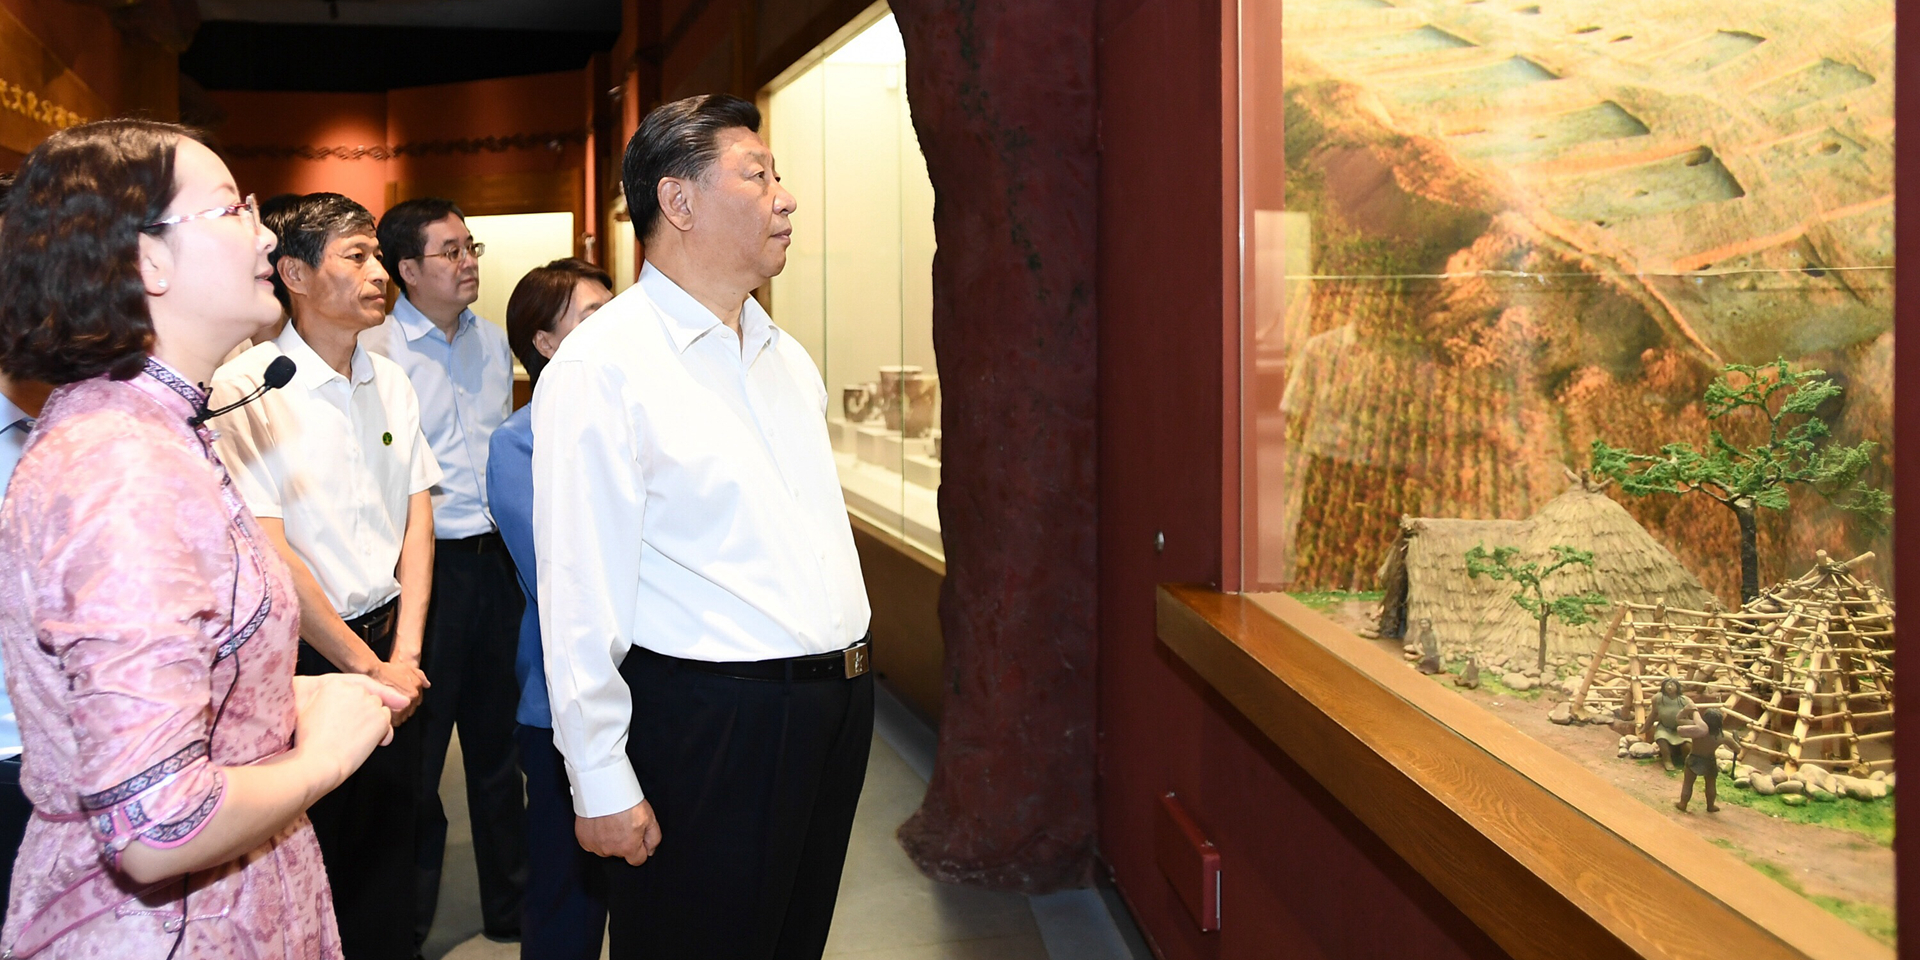 博物馆是保护和传承人类文明的重要殿堂。